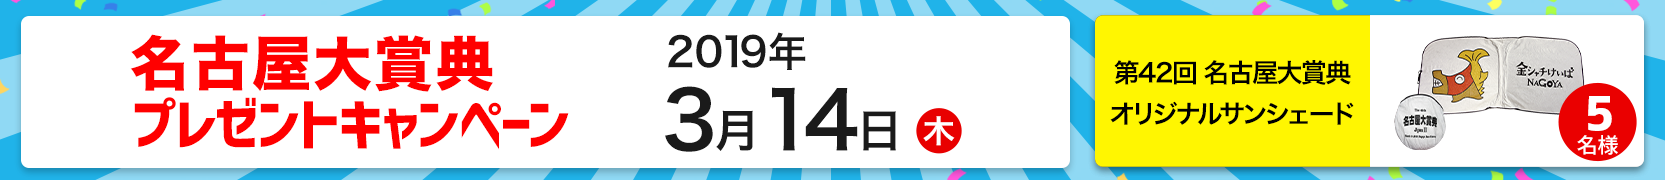 名古屋大賞典プレゼントキャンペーン